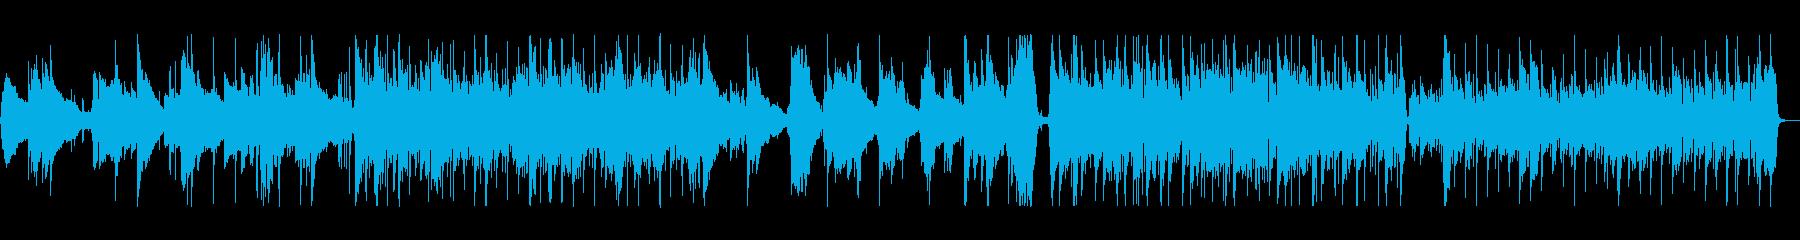 透明感のあるクリーンなギターサウンドの再生済みの波形